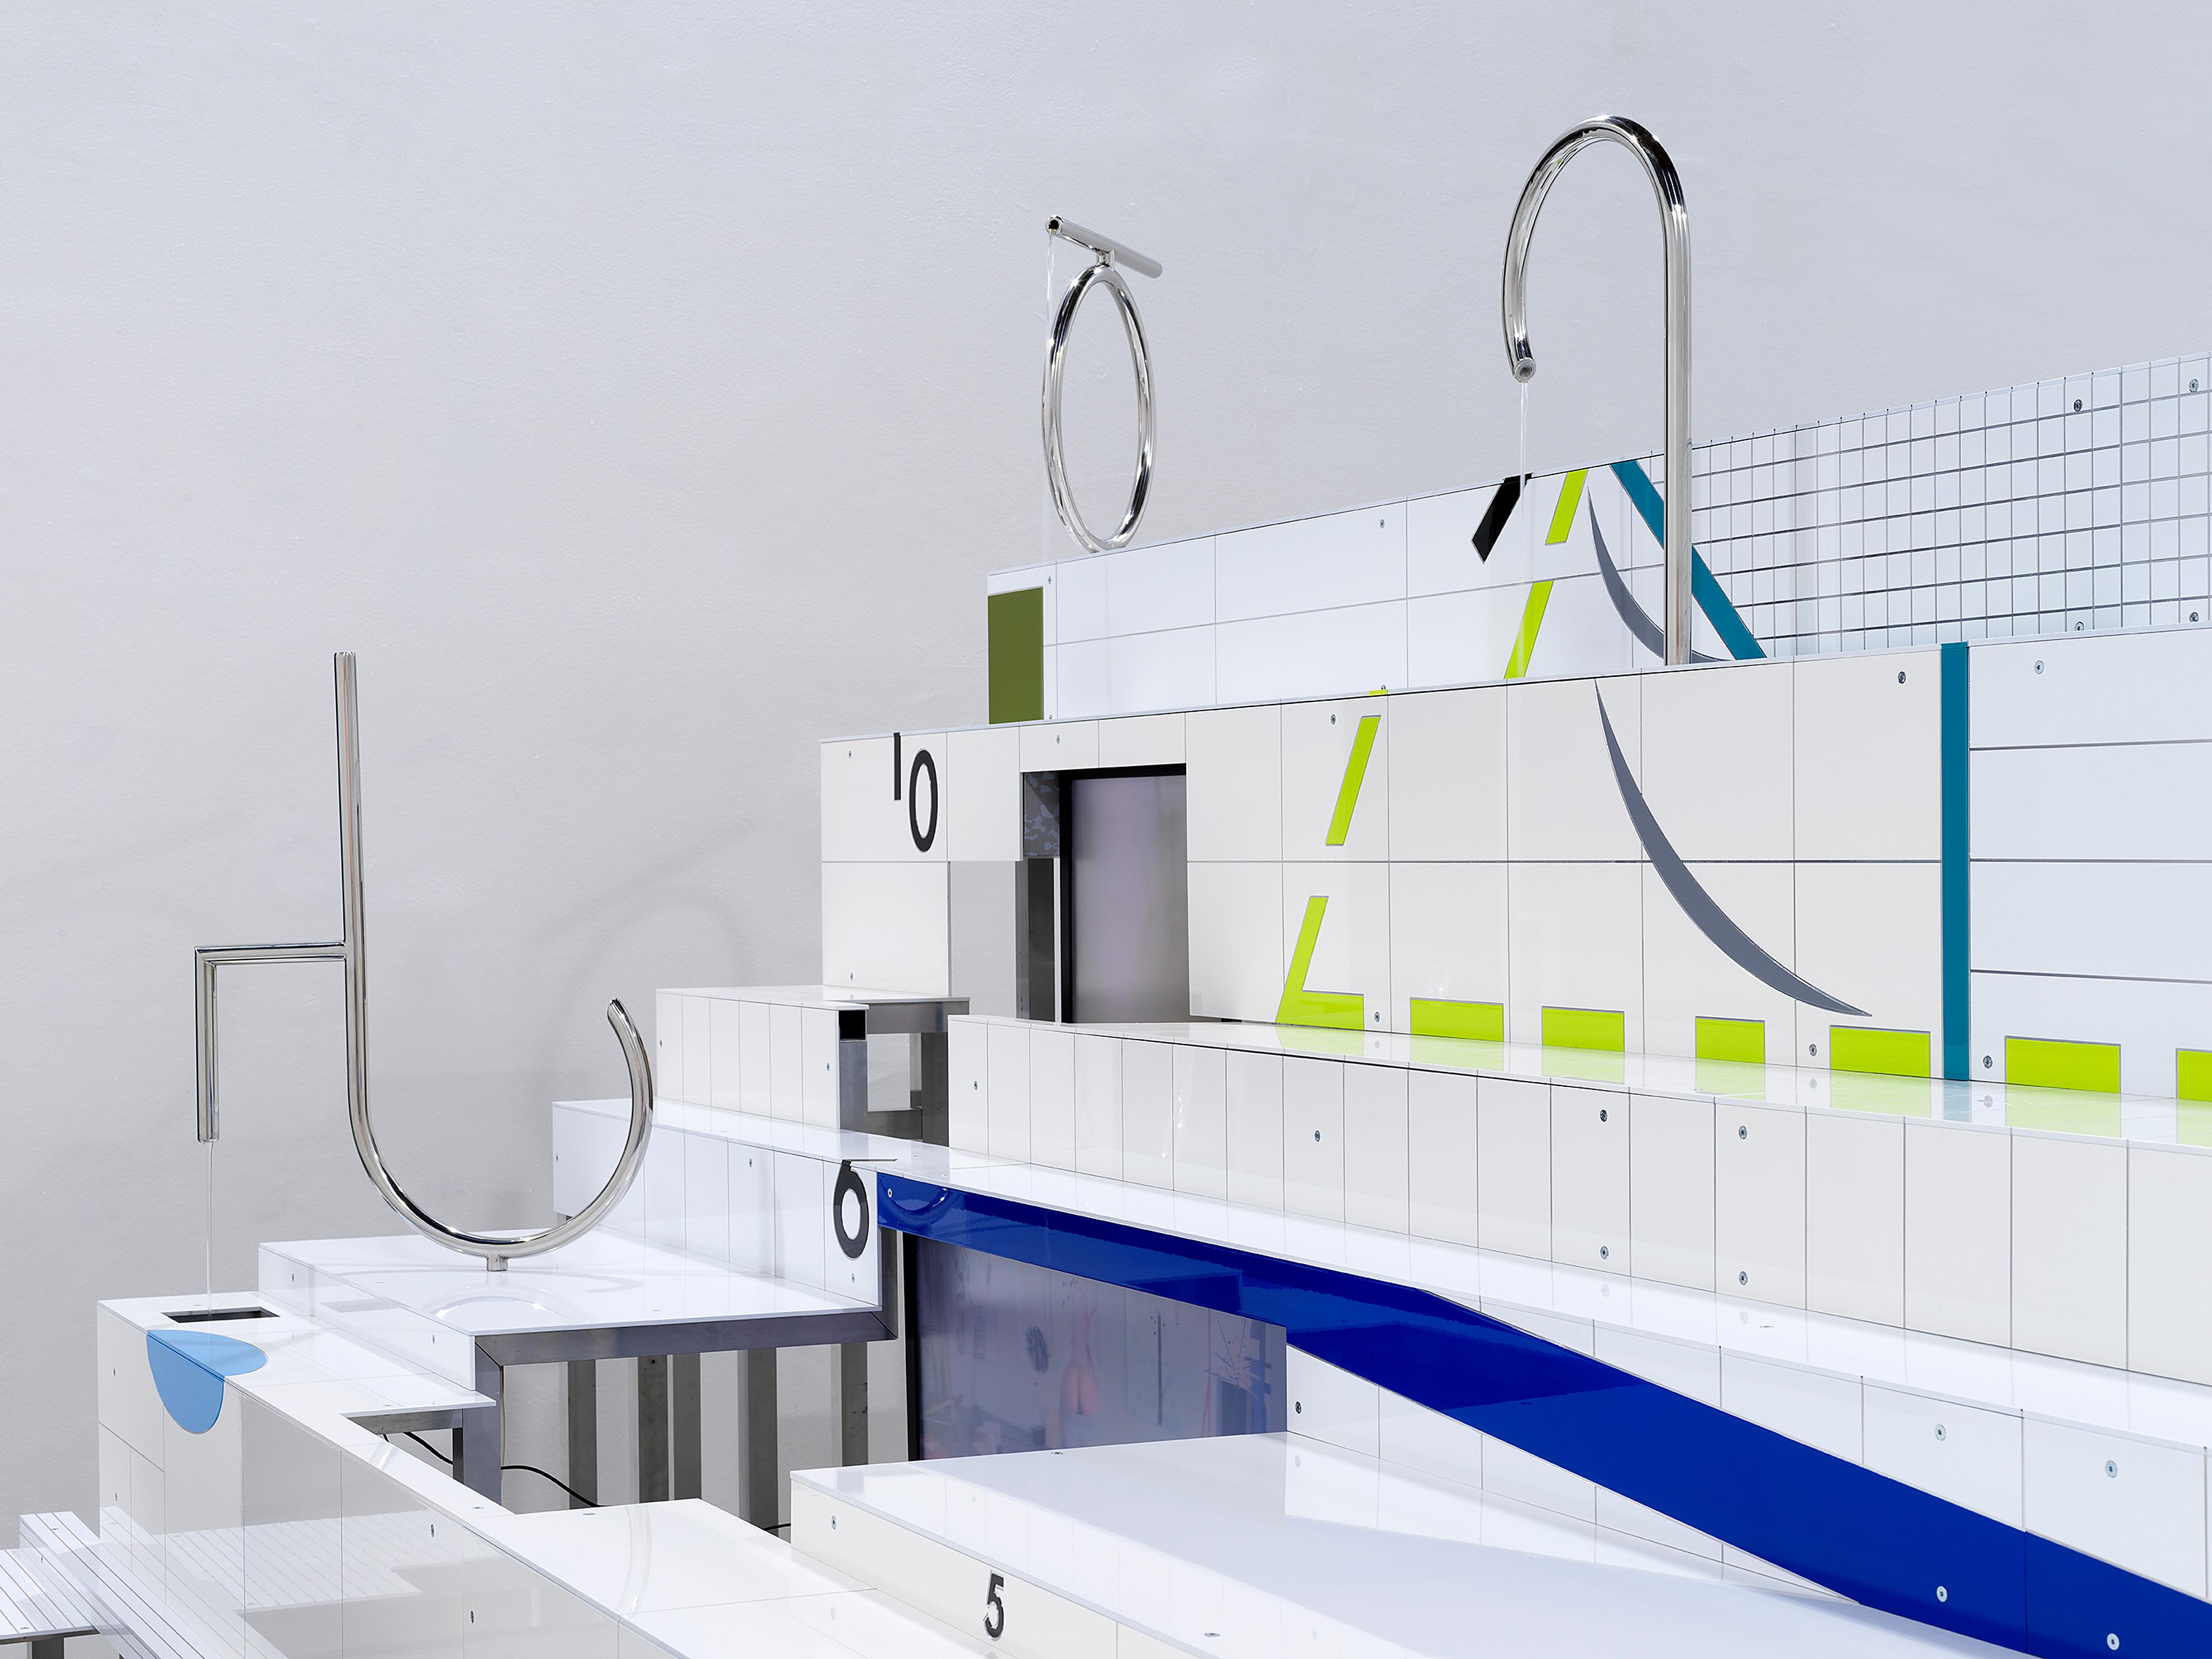 Galerie Barbara Thumm \ Anna K.E.– REARMIRRORVIEW, Simulation is Simulation, is Simulation, is Simulation…